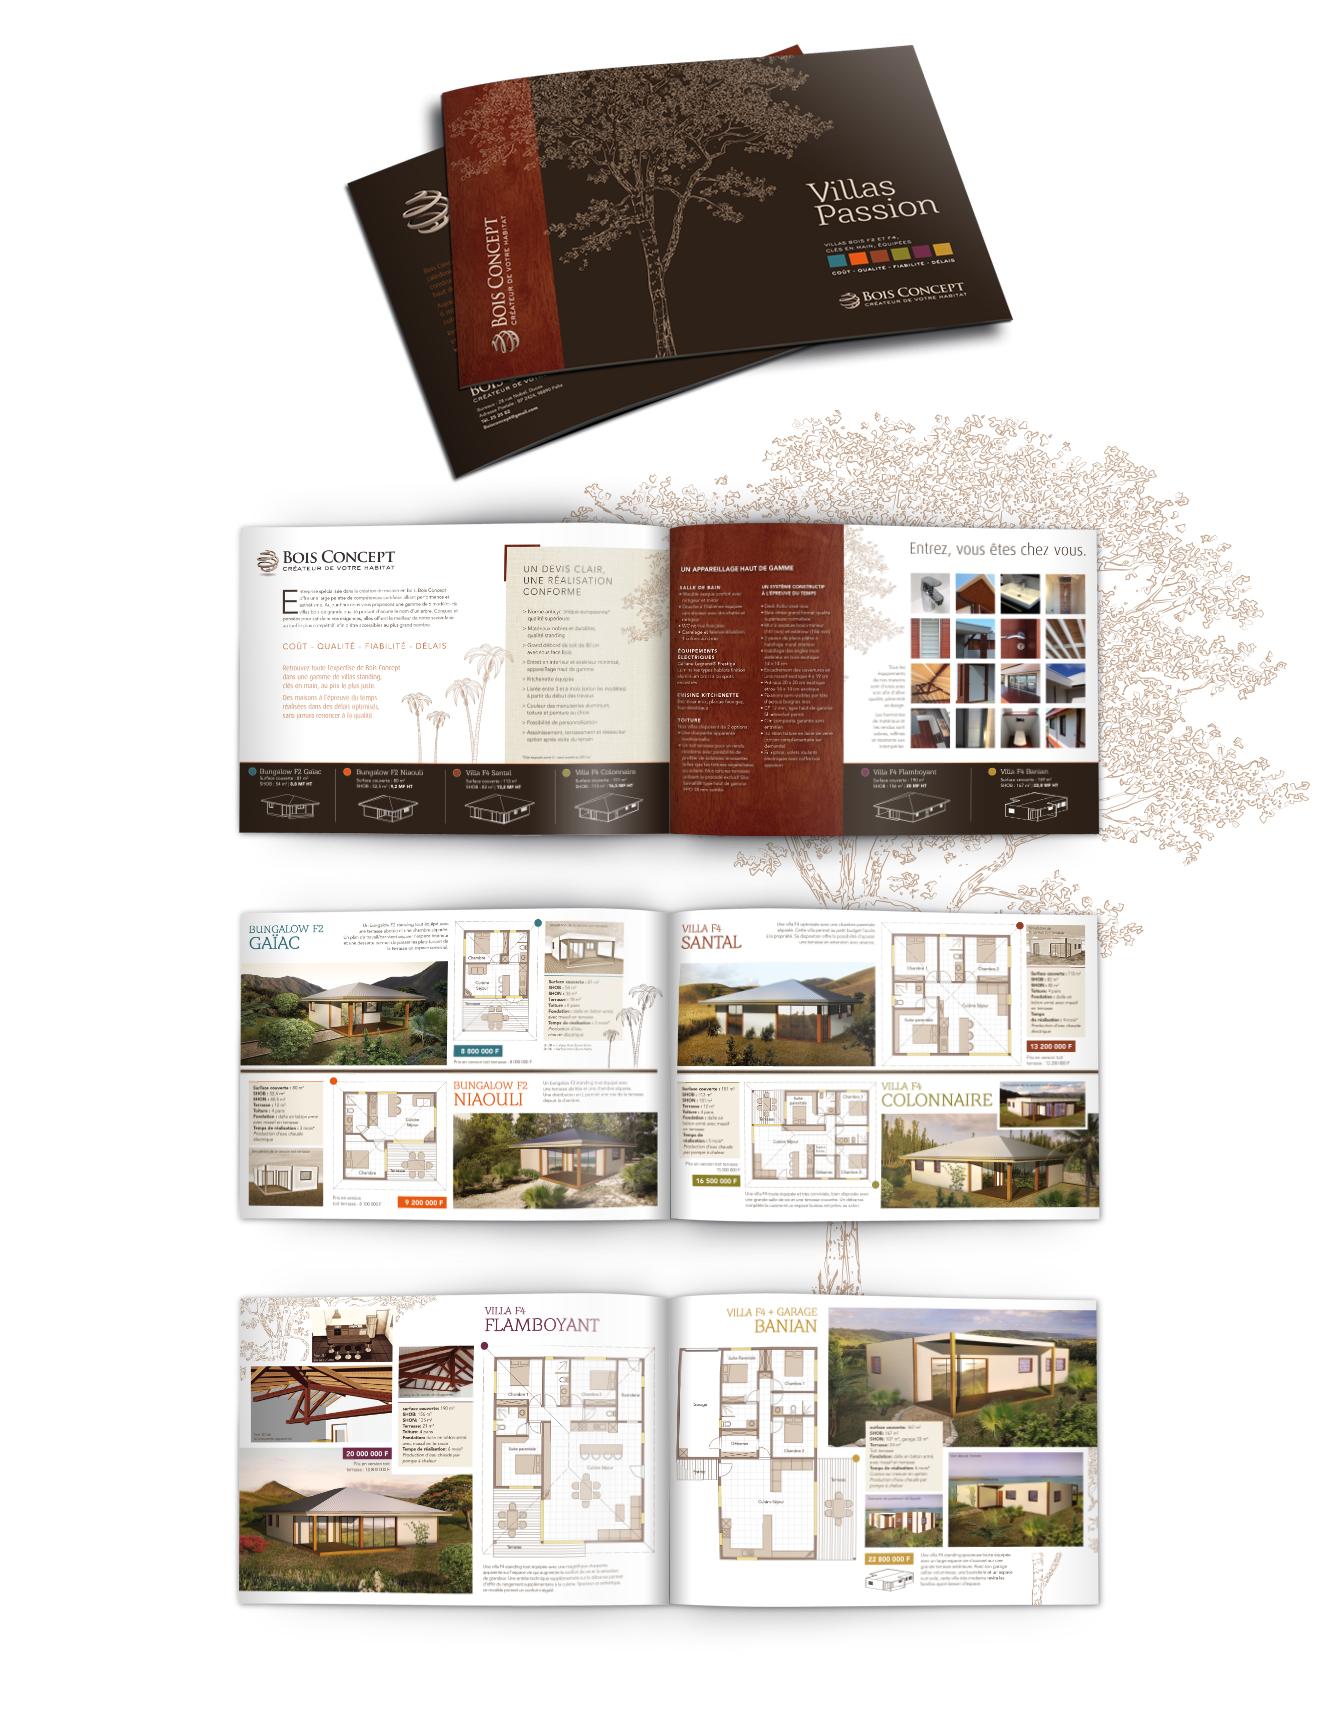 Bois-Concept-Edition-Brochure